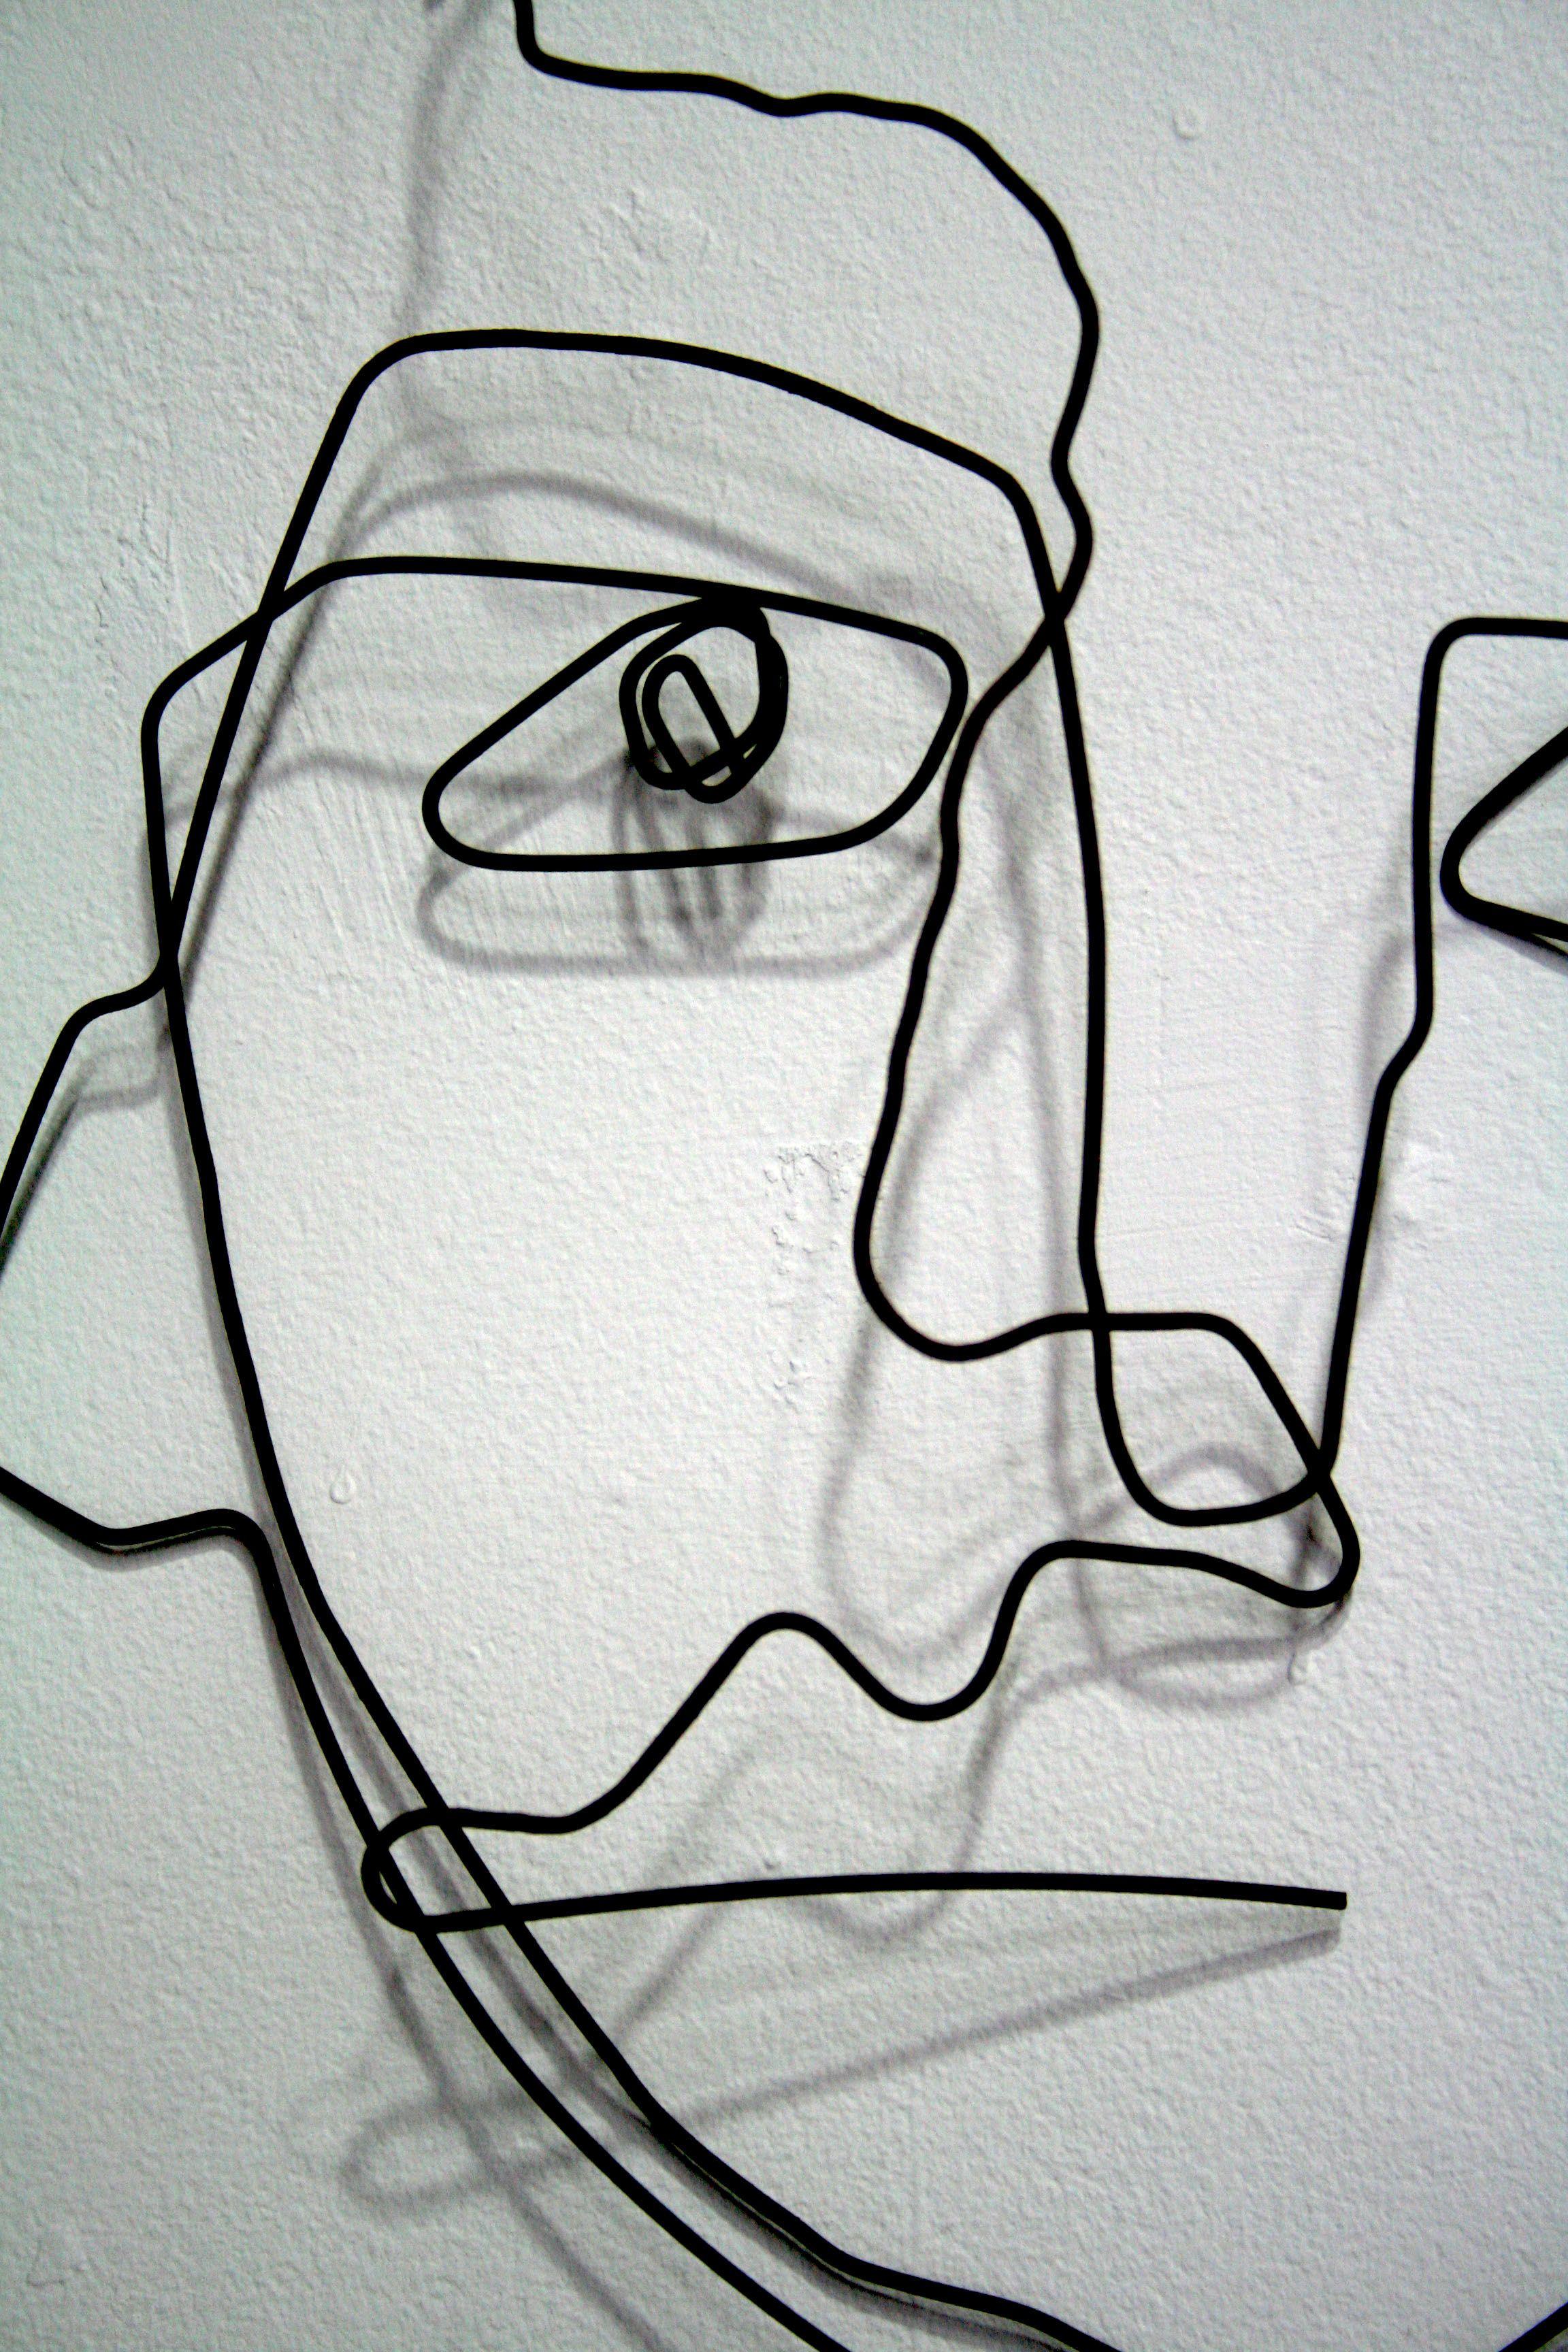 cb42fc5646f0 Contour wire face | Wire faces in 2019 | Wire art, Wire, Contour